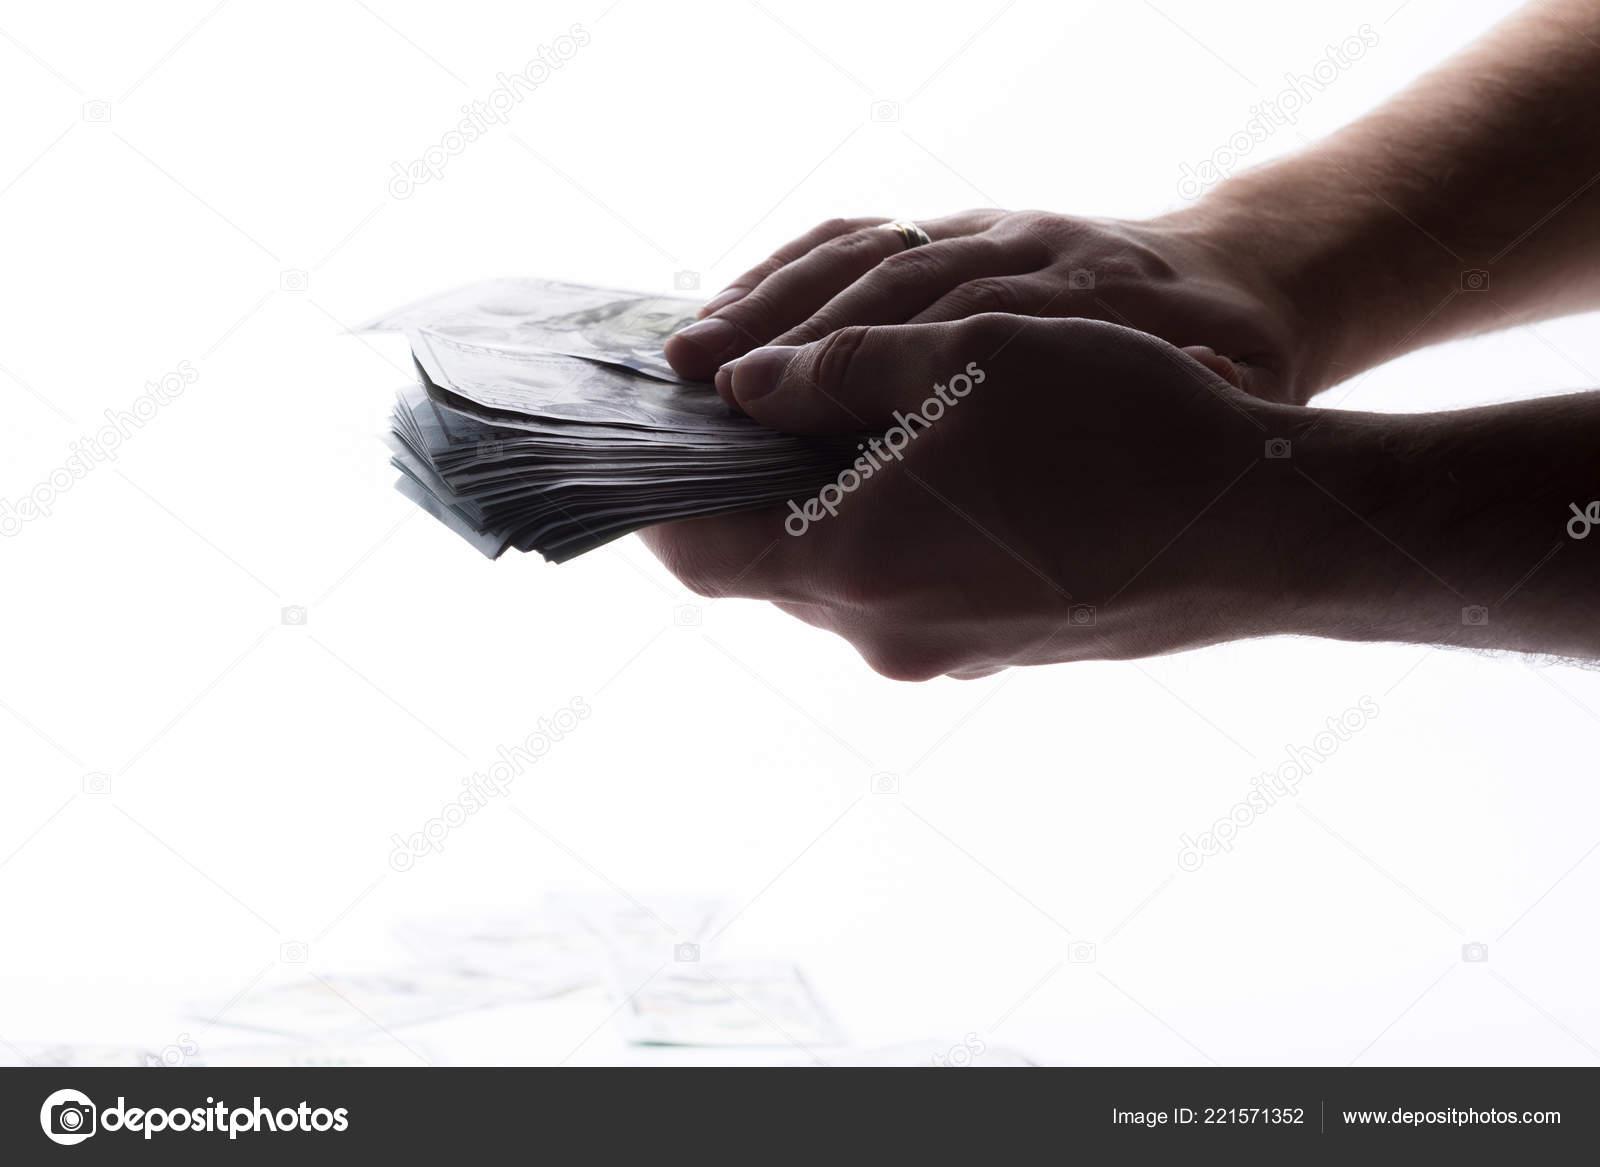 где можно взять онлайн кредит без отказа на карту